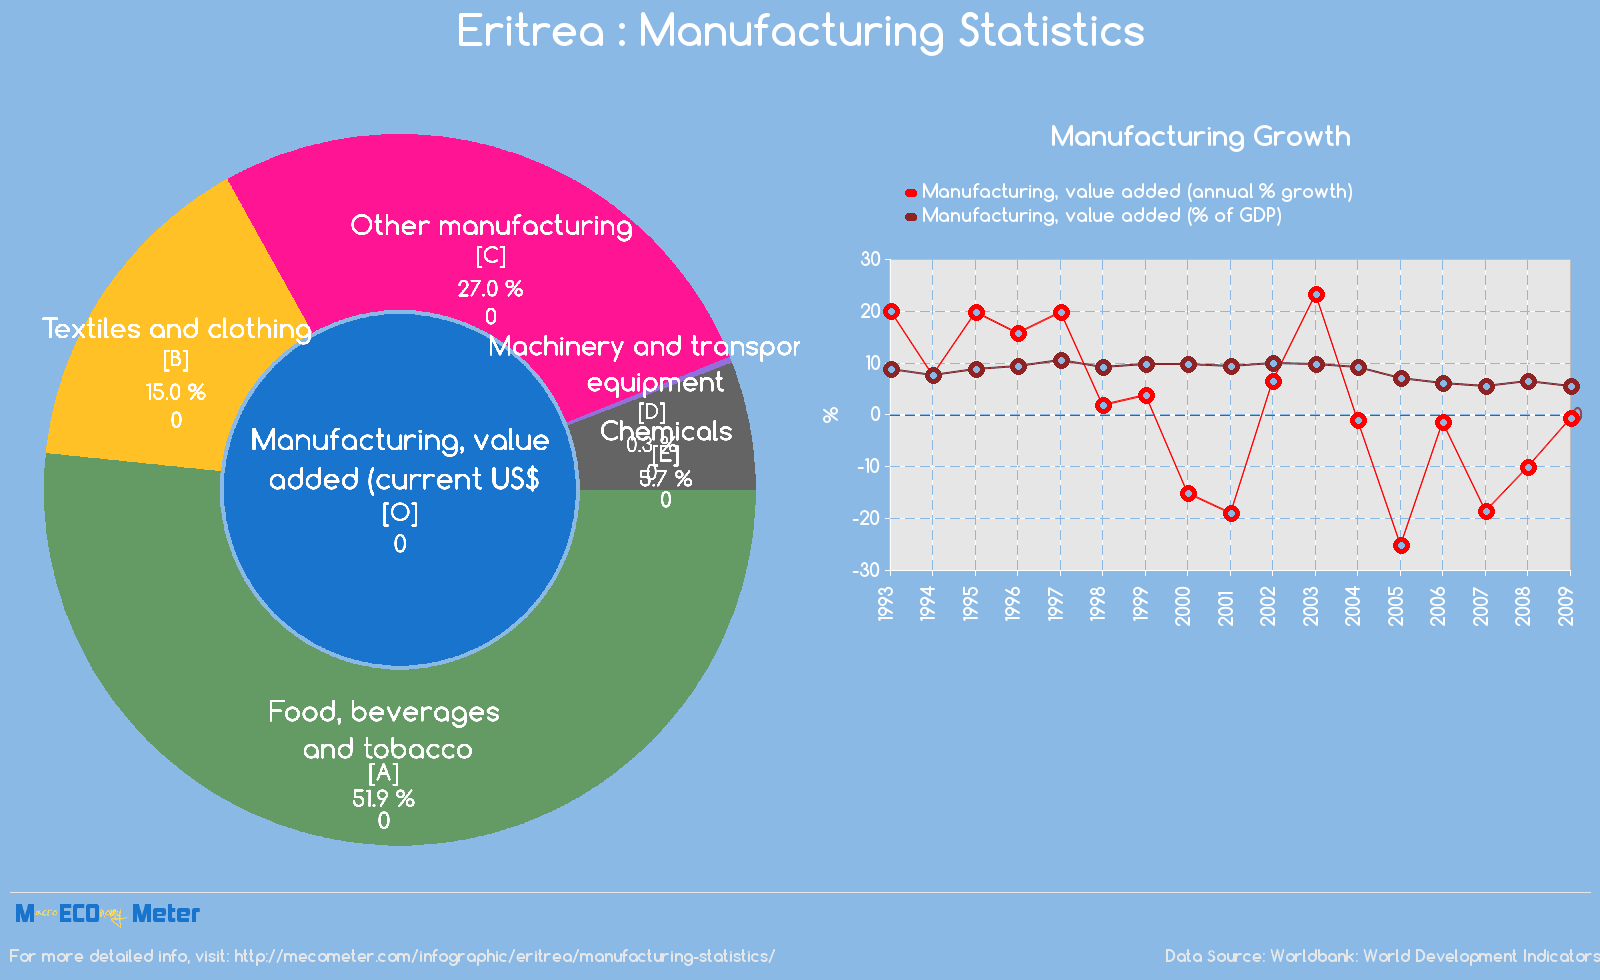 Eritrea : Manufacturing Statistics